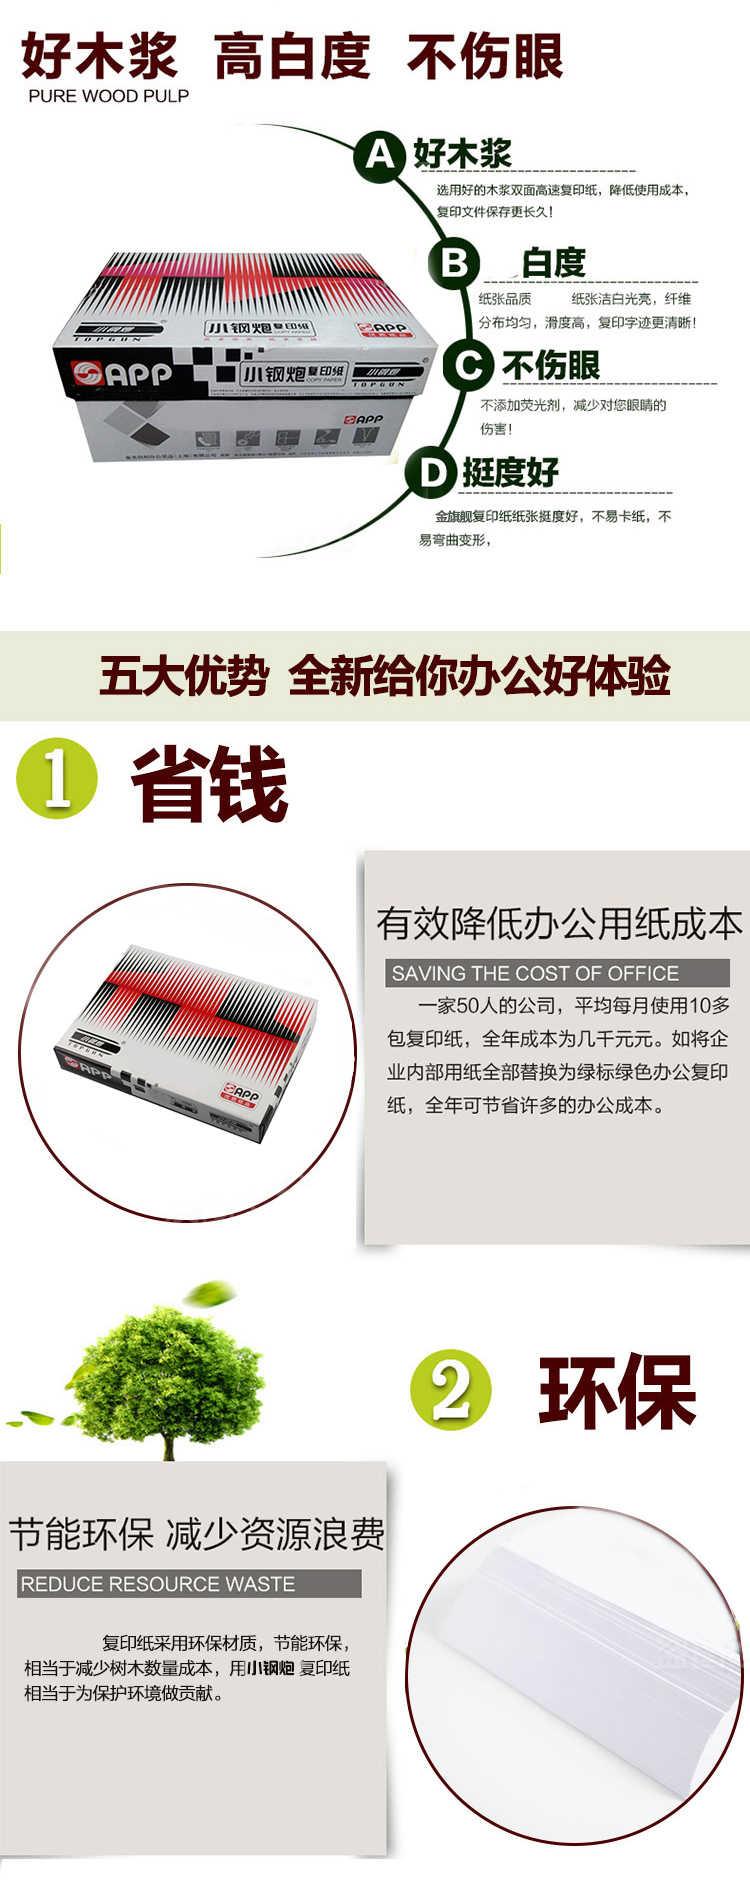 上海苏州周边地区小钢炮复印纸办公用纸厂销批发